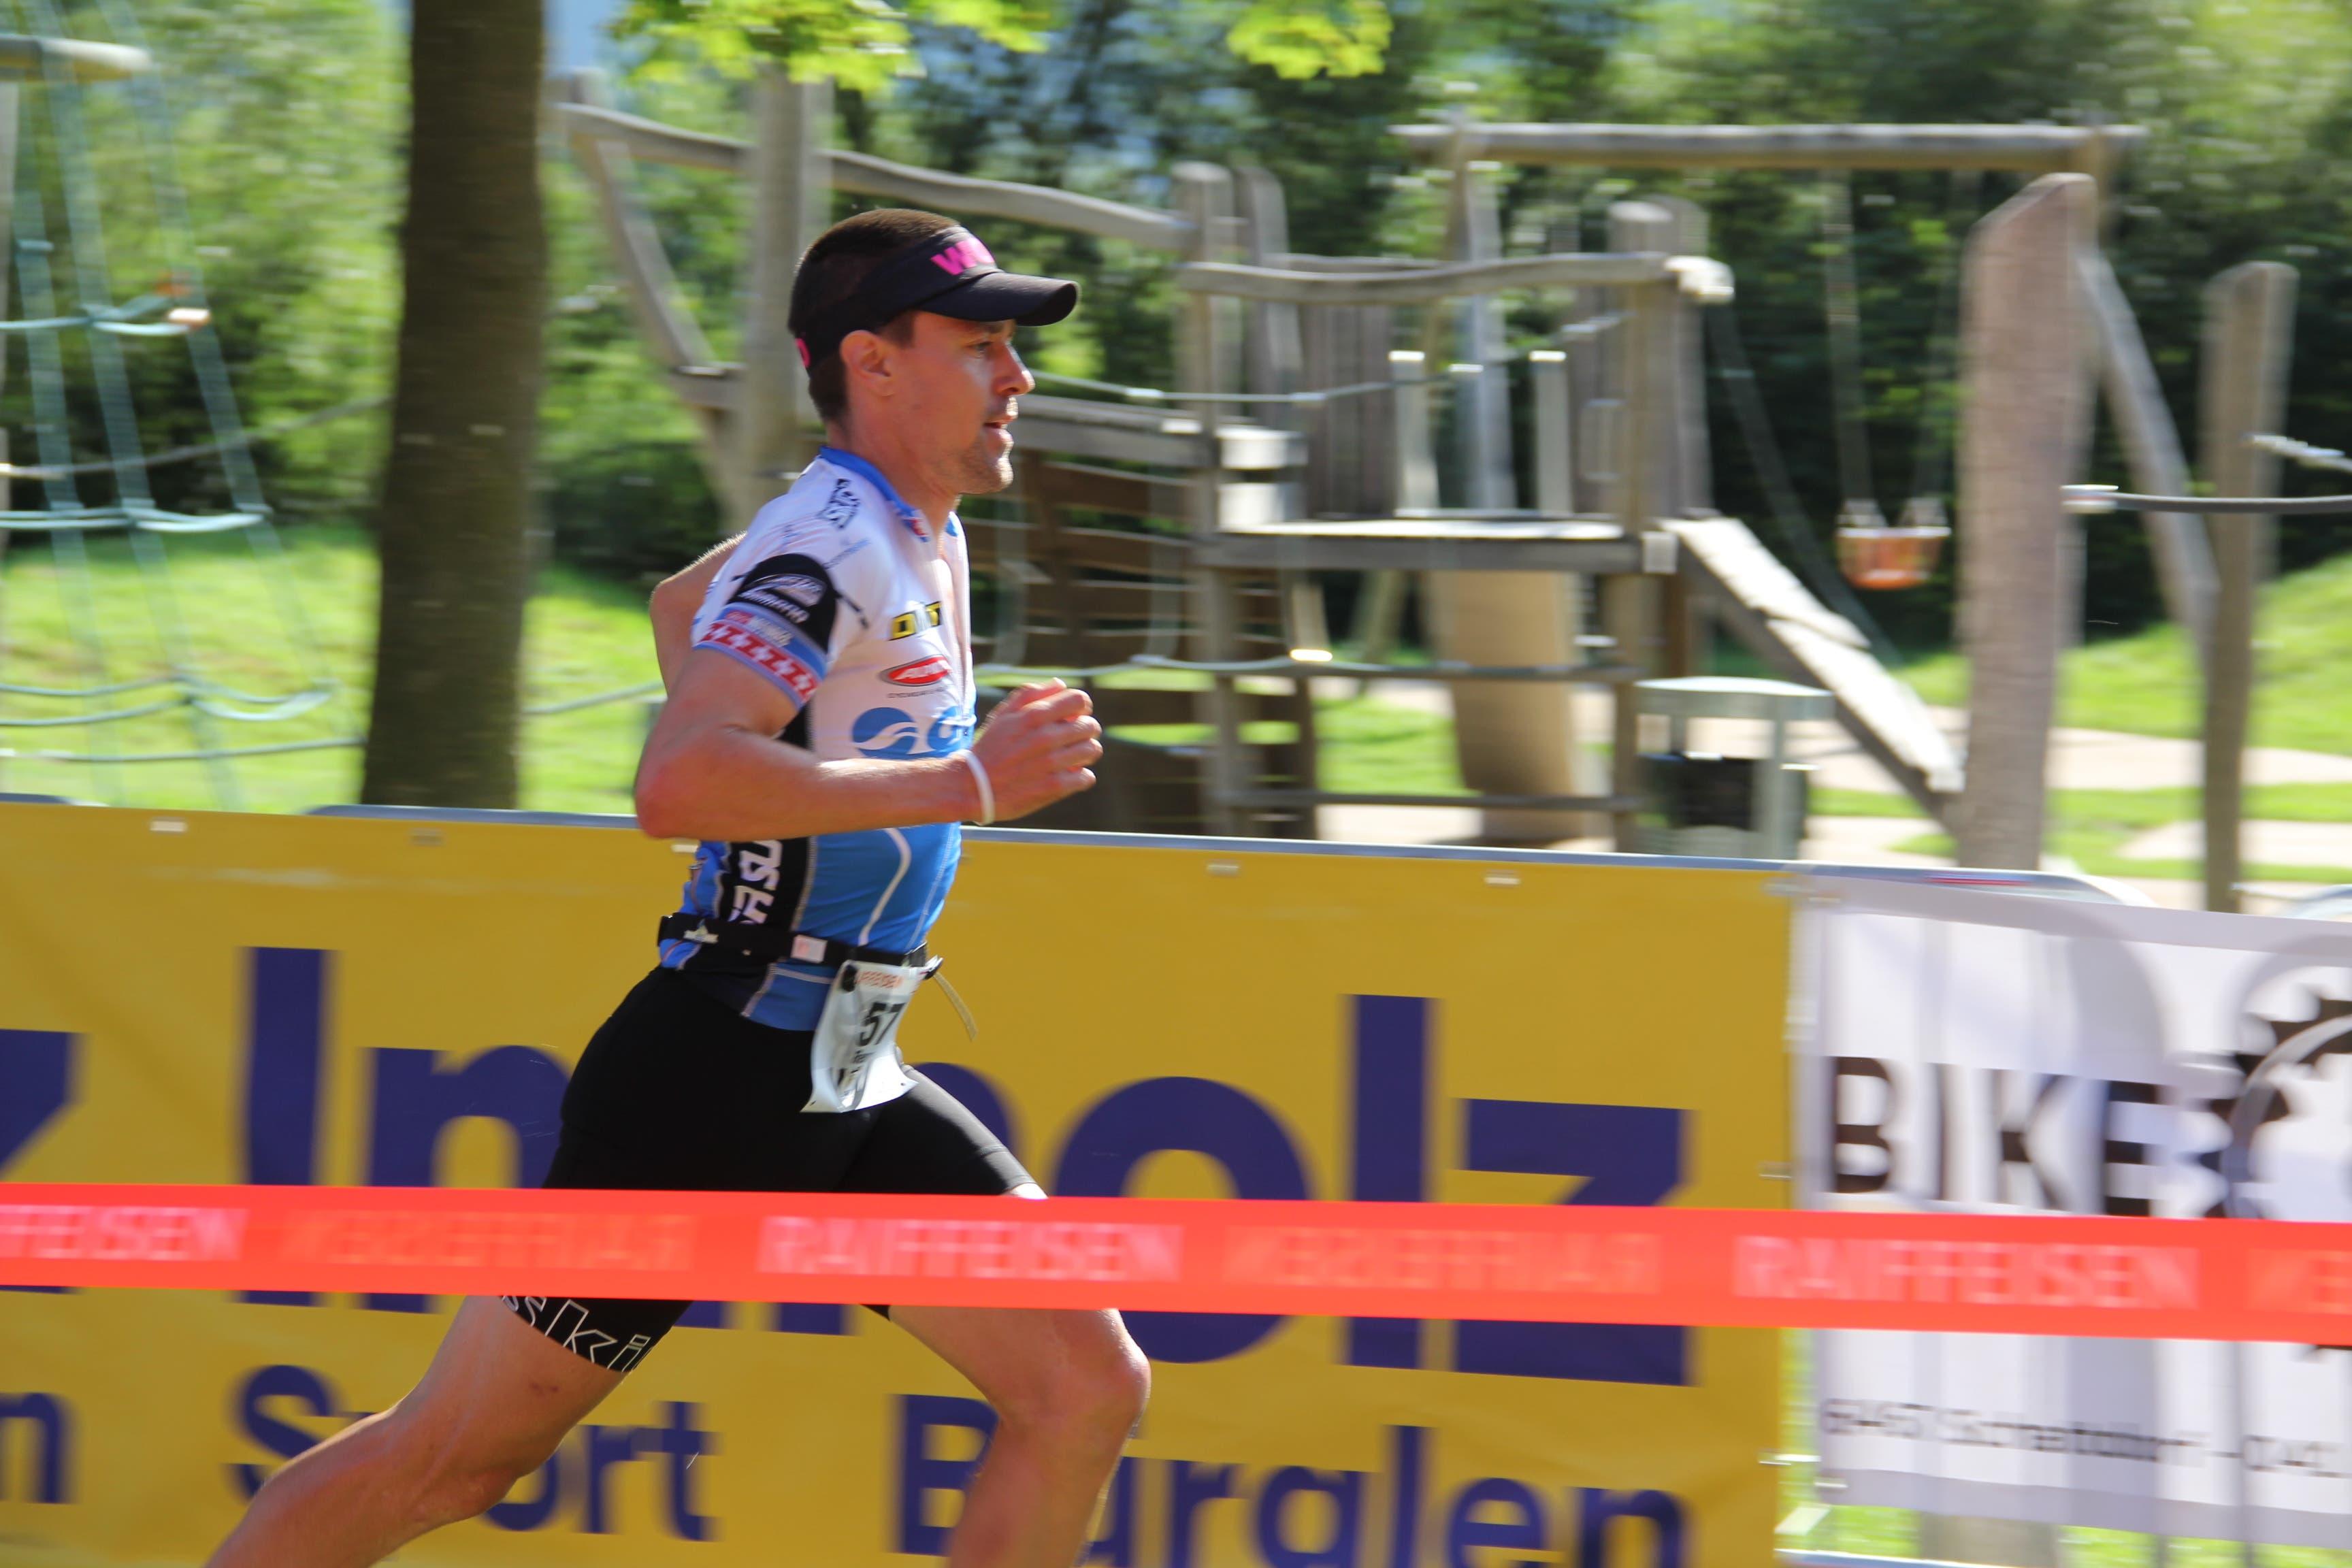 Der Urner Remo Betschart sorgt mit seinem 5. Platz für das beste Resultat bei den Duathleten. (Bild: Paul Gwerder, 4. August 2019)